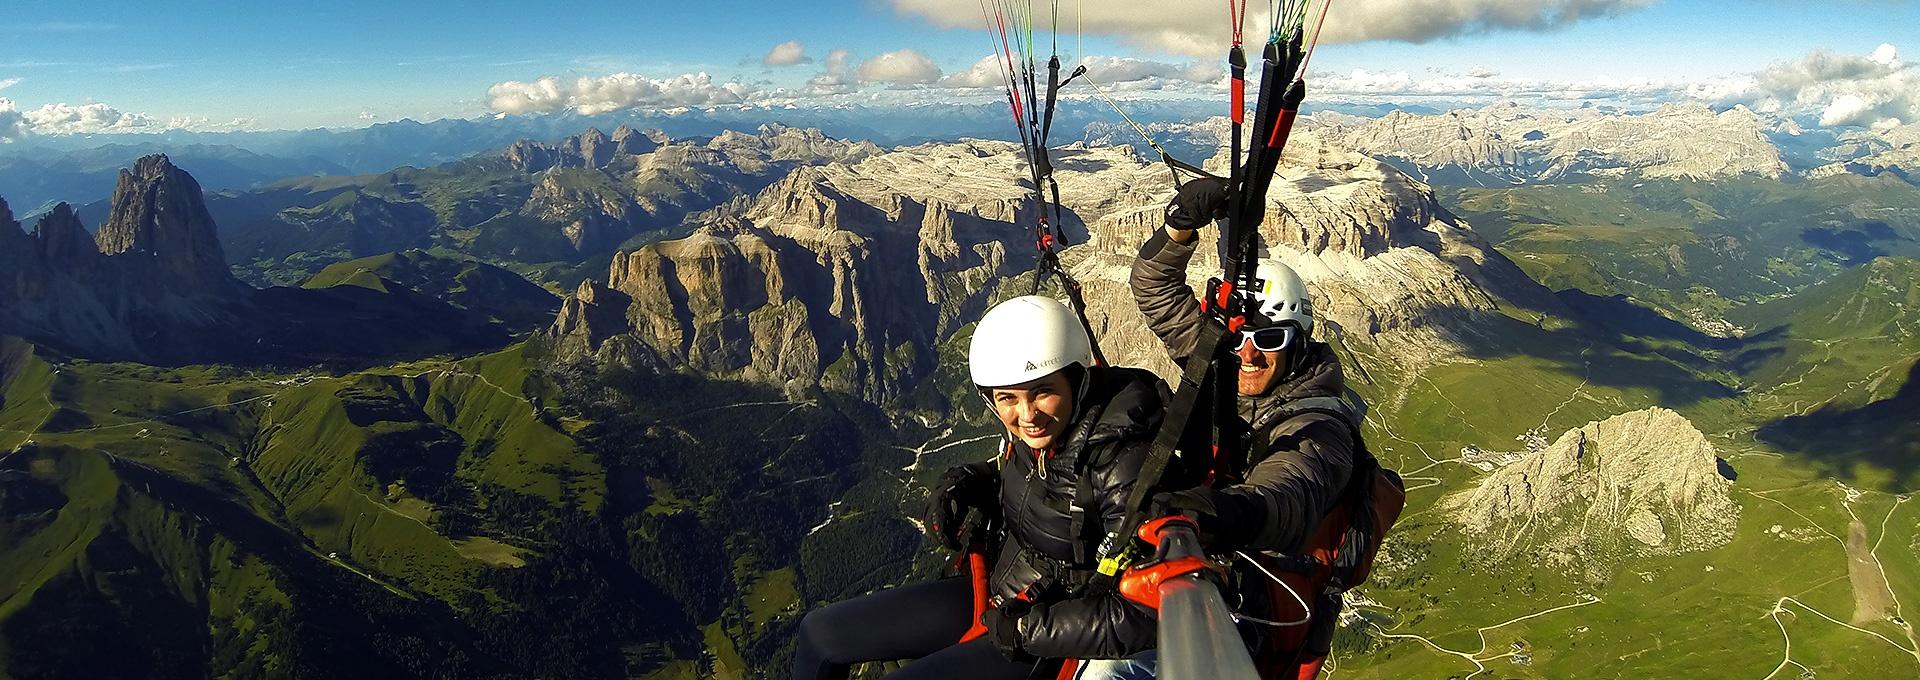 Gleitschirmflug in den Dolomiten